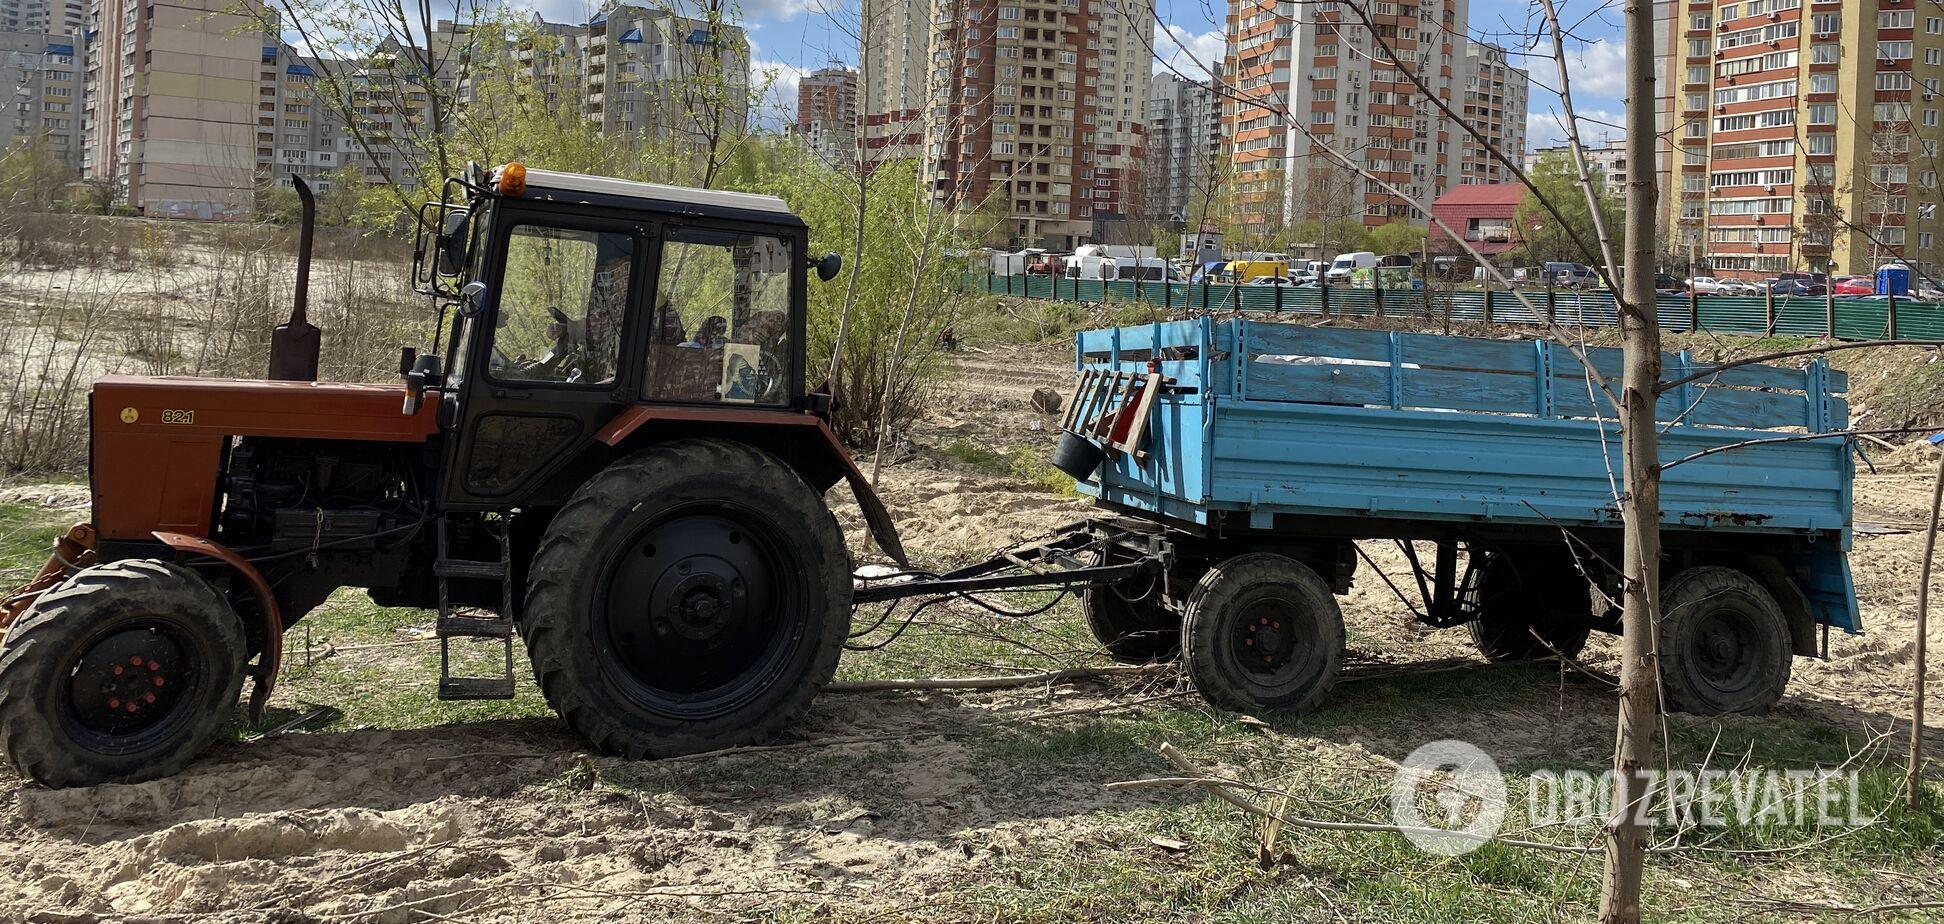 Після зачистки 'міста безхатченків' у Києві з'явилася нова проблема